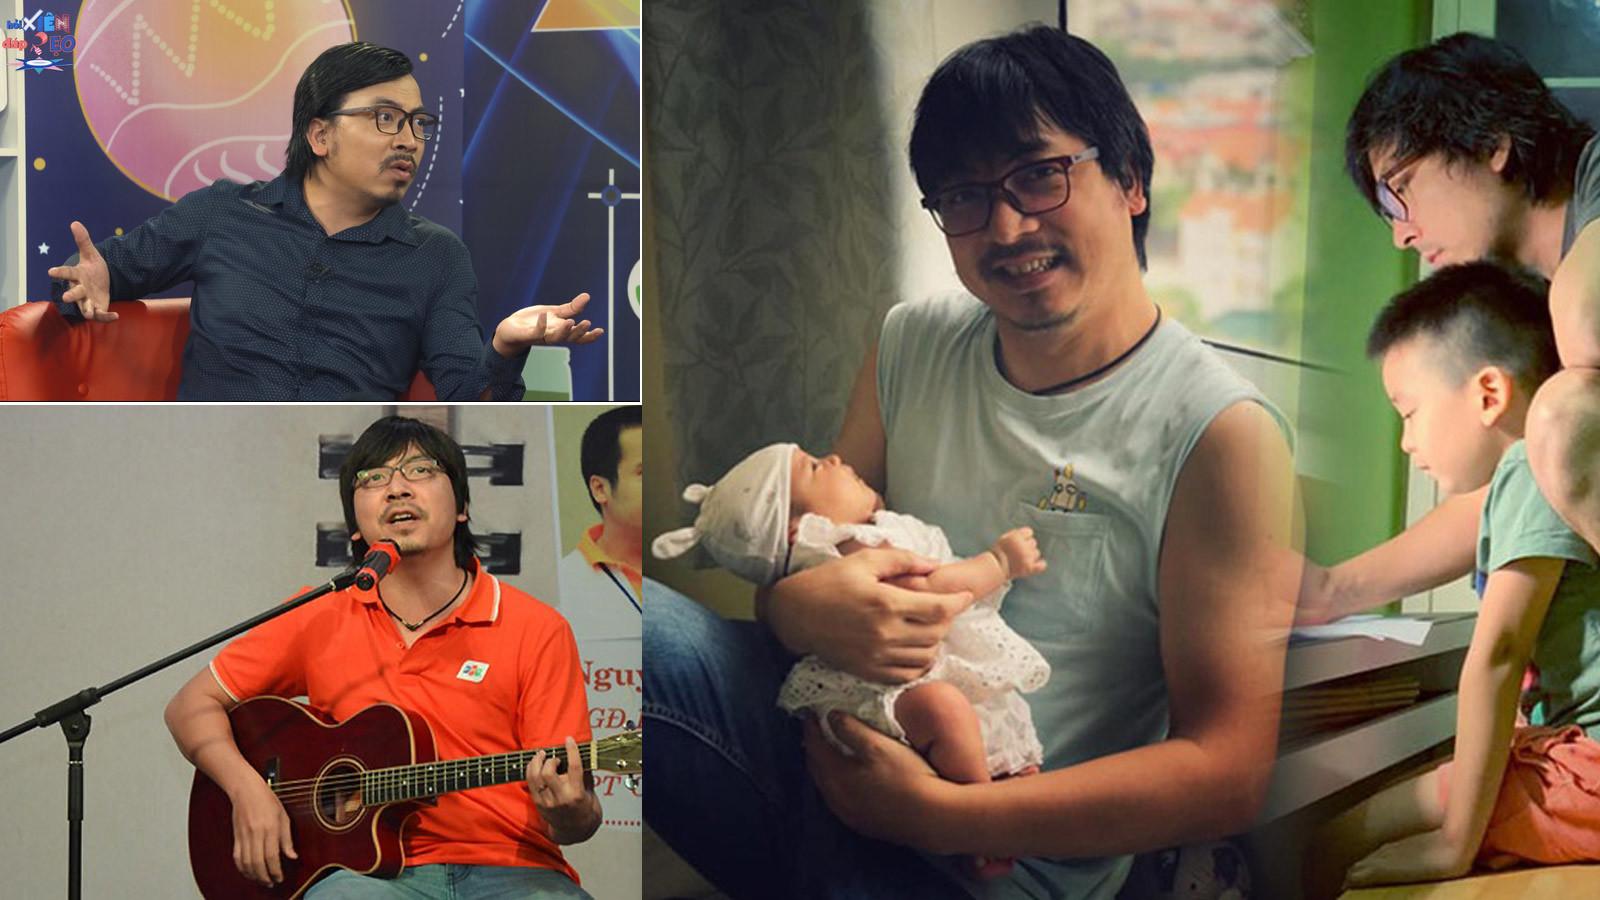 Giáo sư Xoay làm MC Ai là triệu phú: Có lúc tôi phá luật, suýt khóc vì người chơi